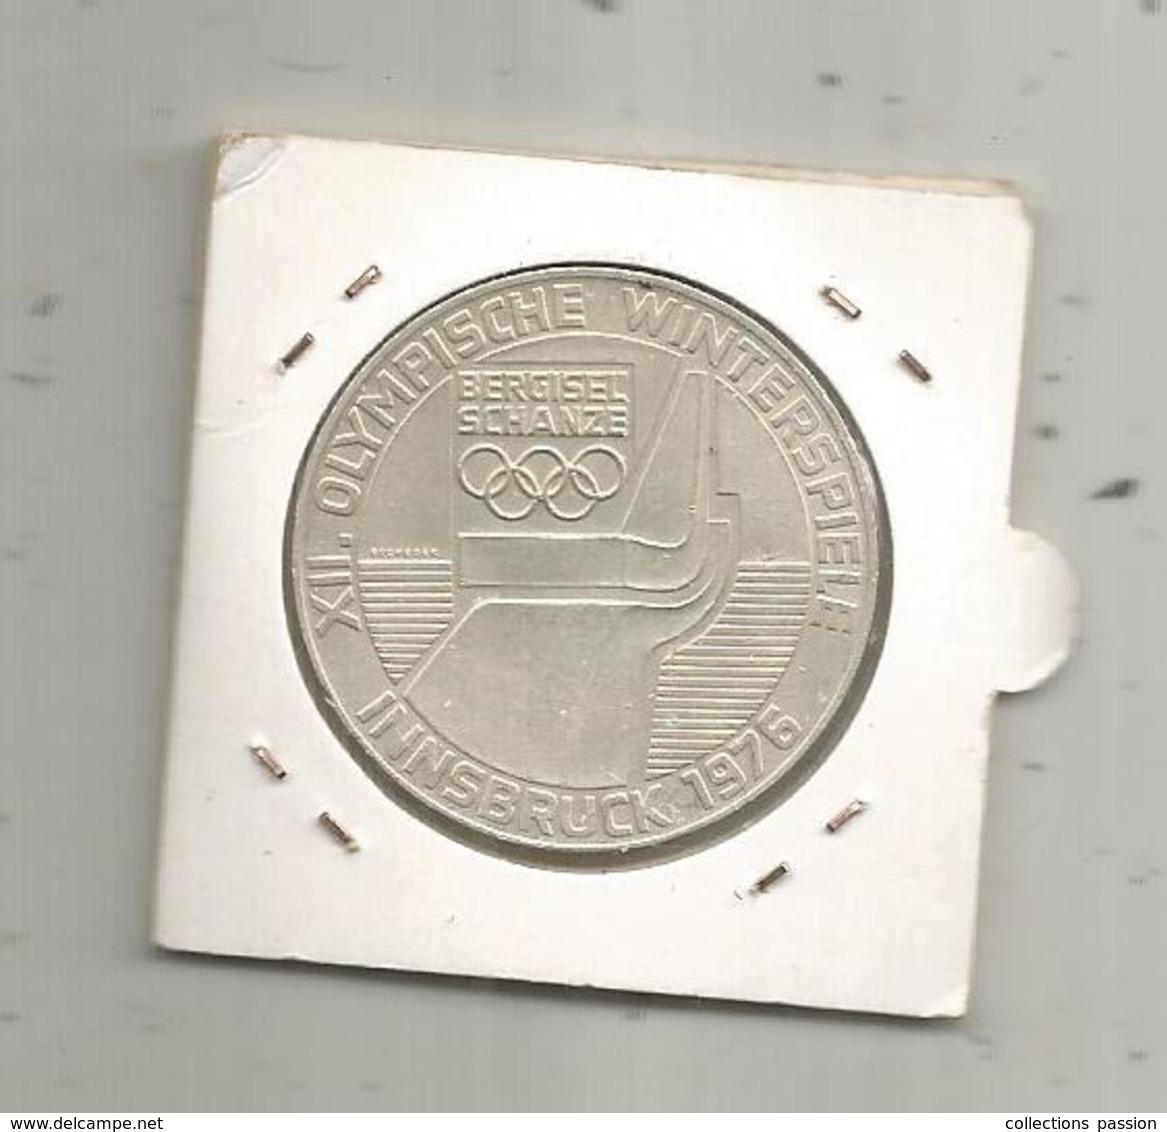 Monnaie ,  AUTRICHE , REPUBLIK OSTERREICH ,100 Schilling ,XII Olympische Winterspiele, Innsbruck 1976 ,frais Fr 1.85 E - Autriche